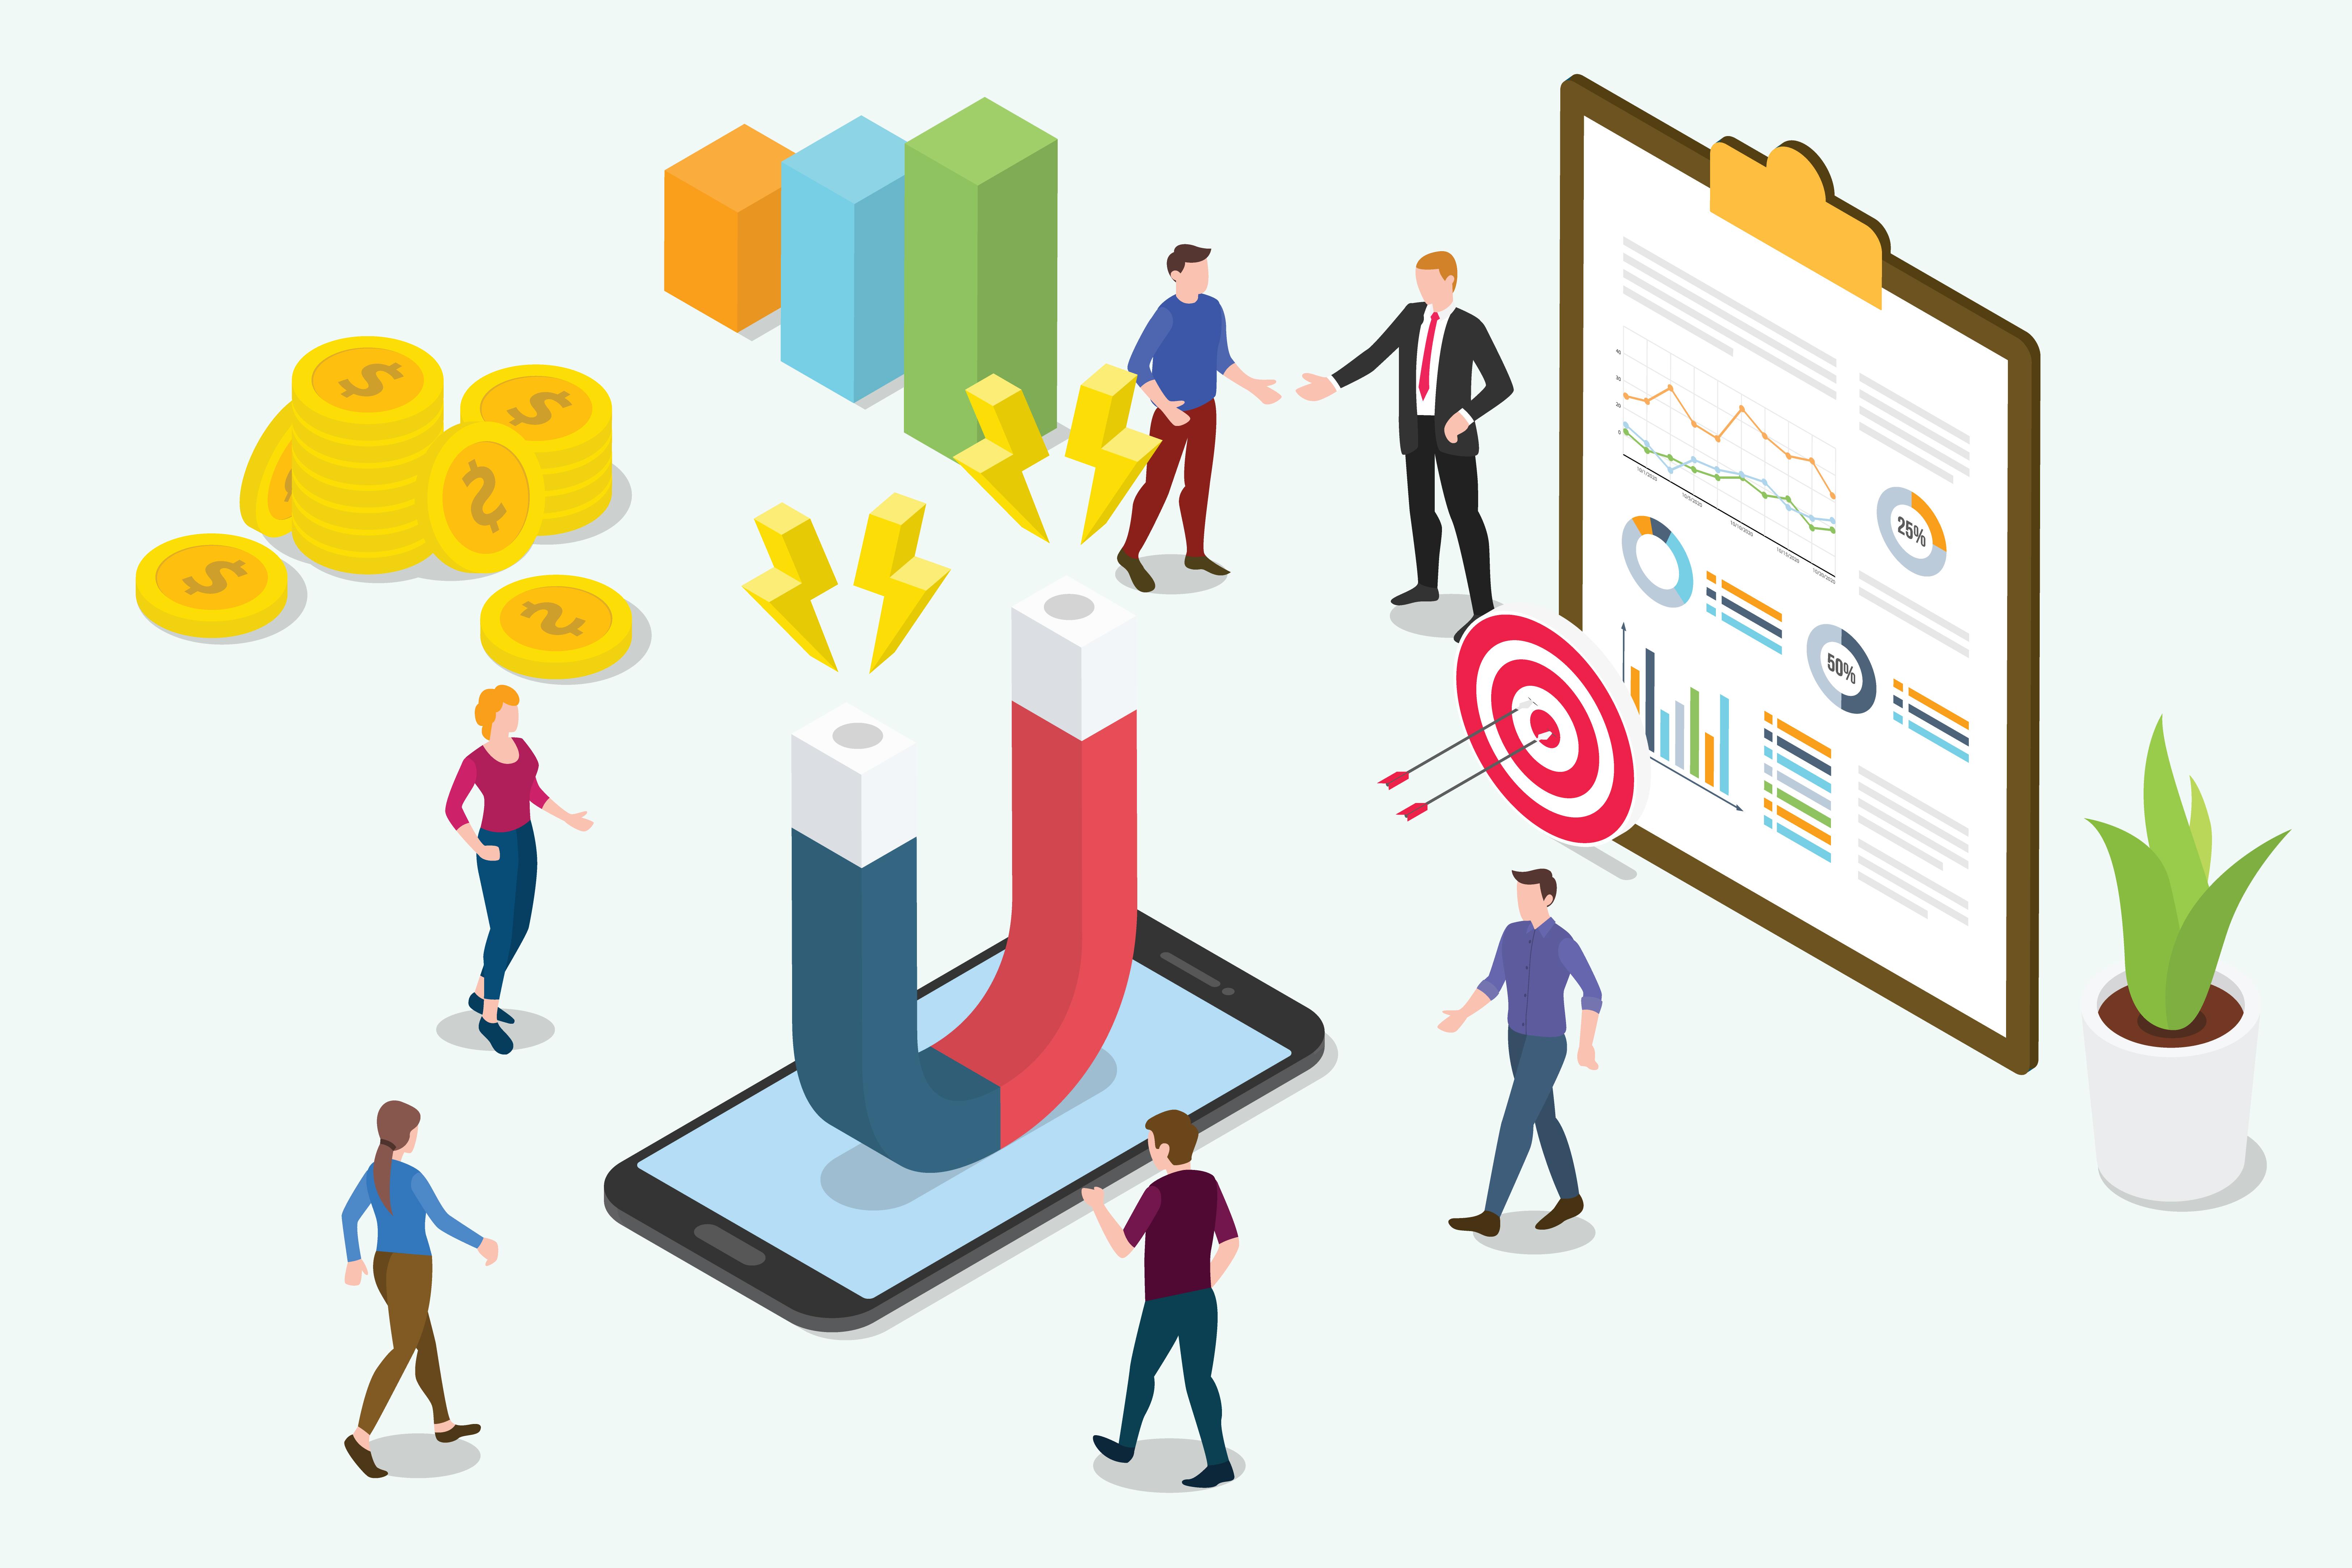 3. Merancang Strategi Customer Retention Berdasarkan Kebutuhan Pelanggan